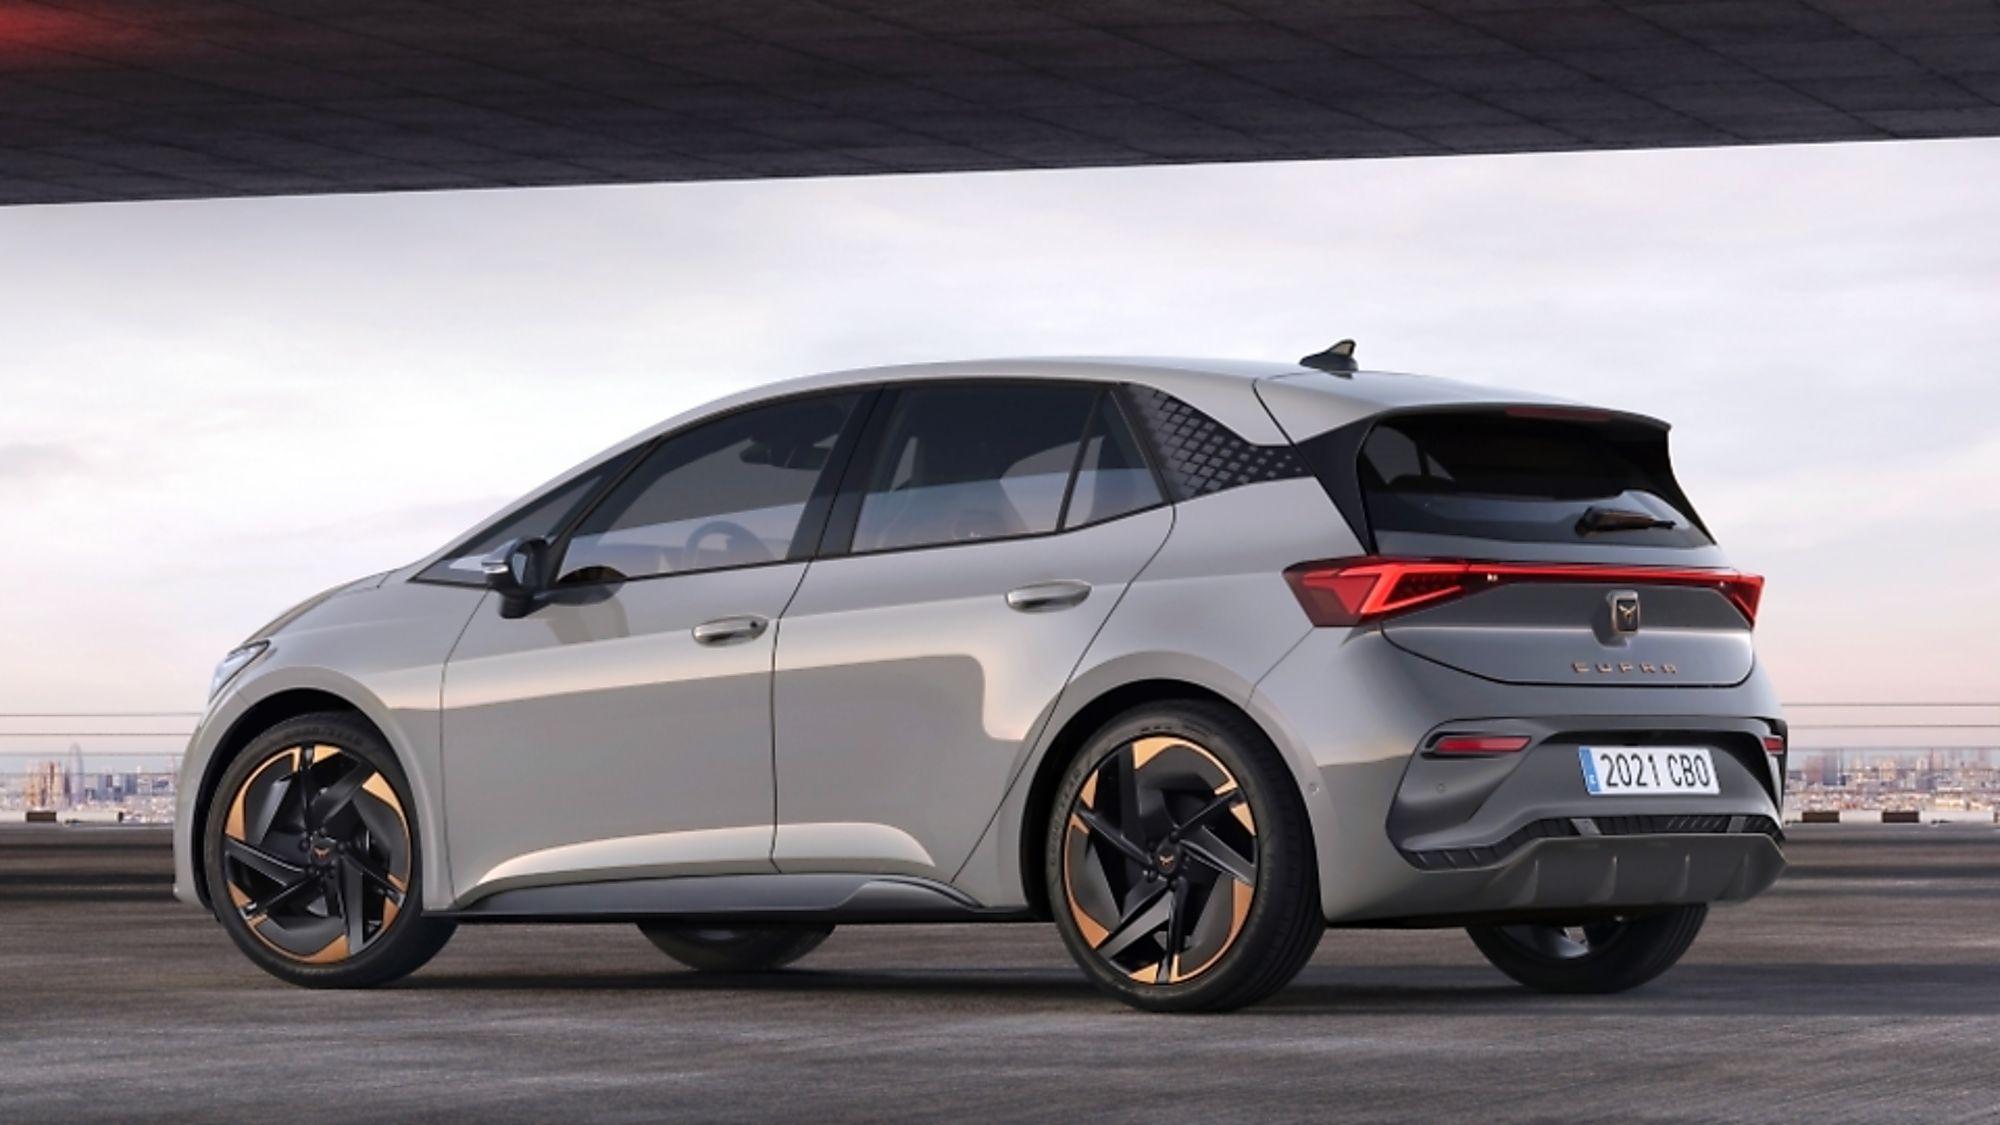 CUPRA: Enter the all-new Born sporty EV hatch